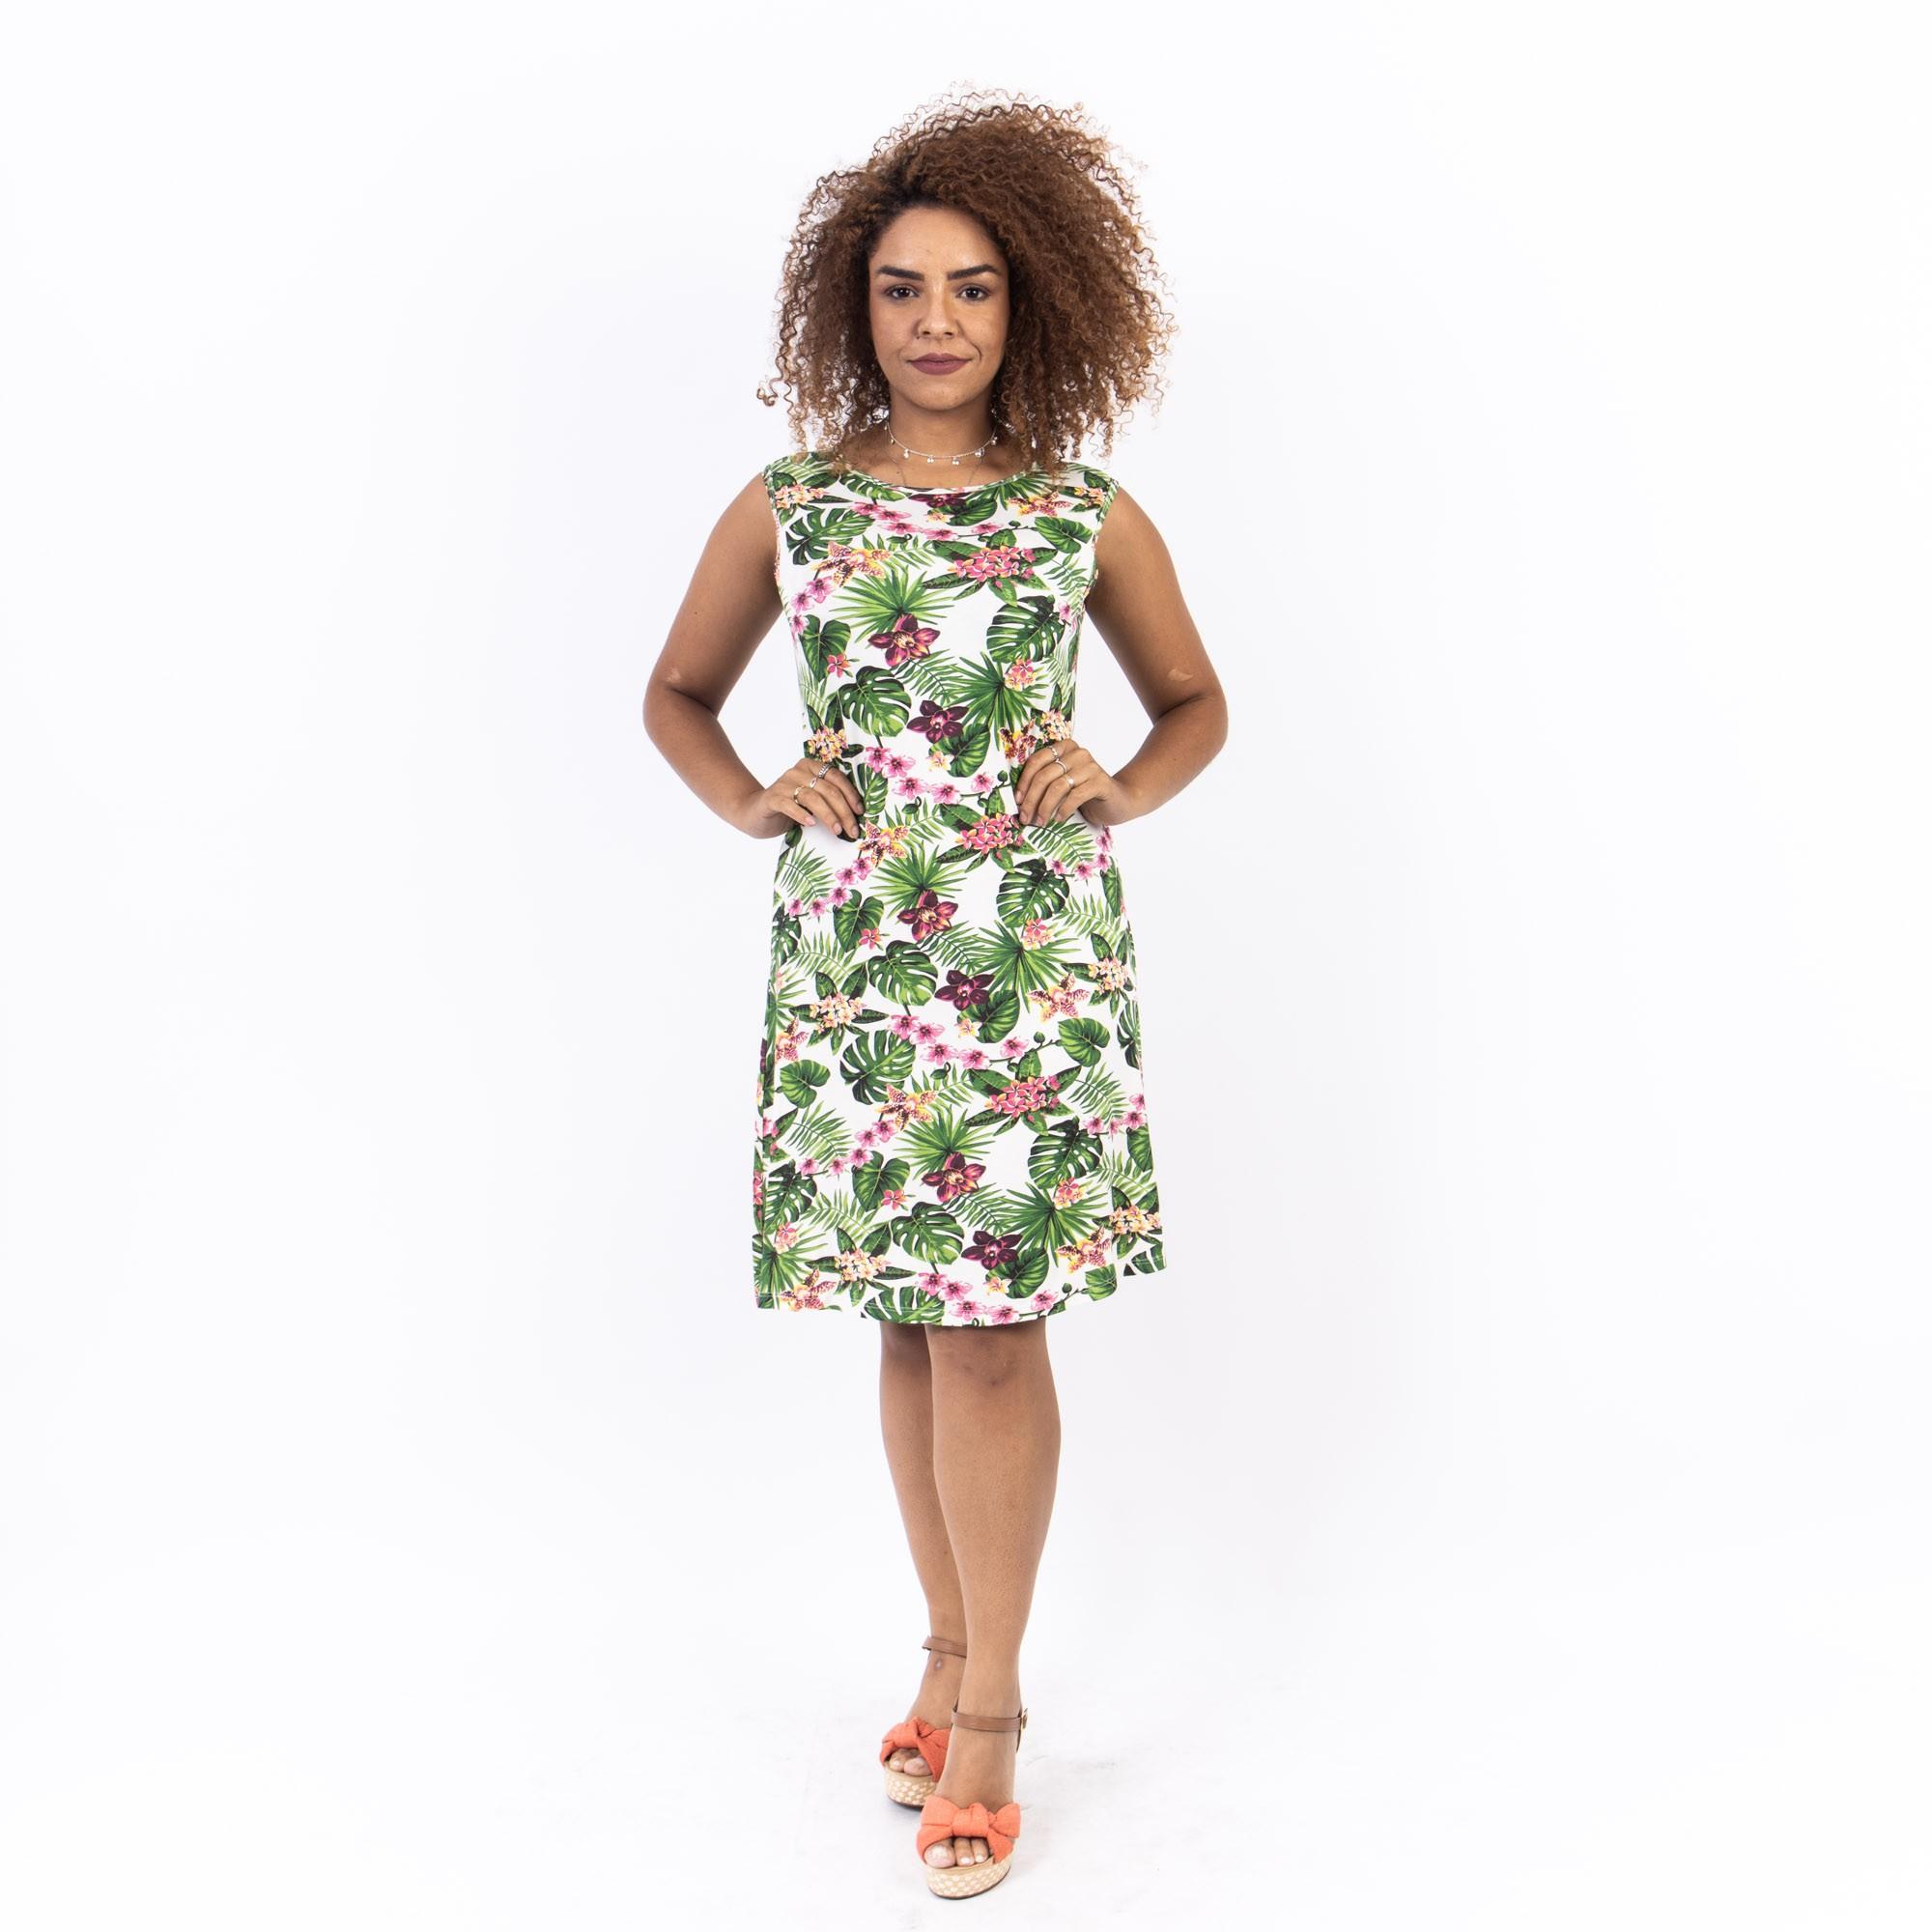 Vestido Floral Regata Curto